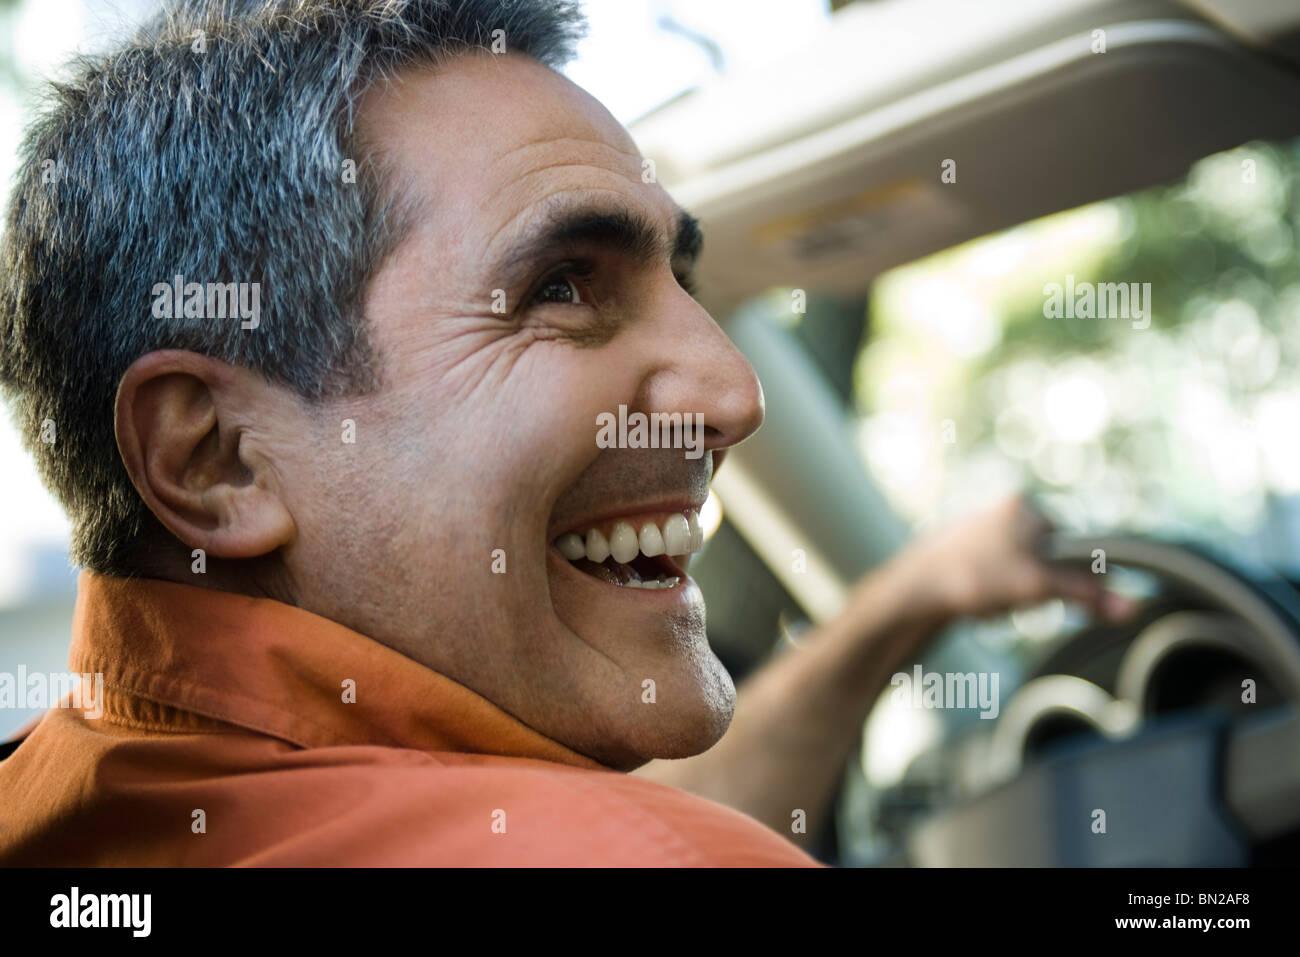 Hombre maduro, conducción con apariencia de felicidad Imagen De Stock